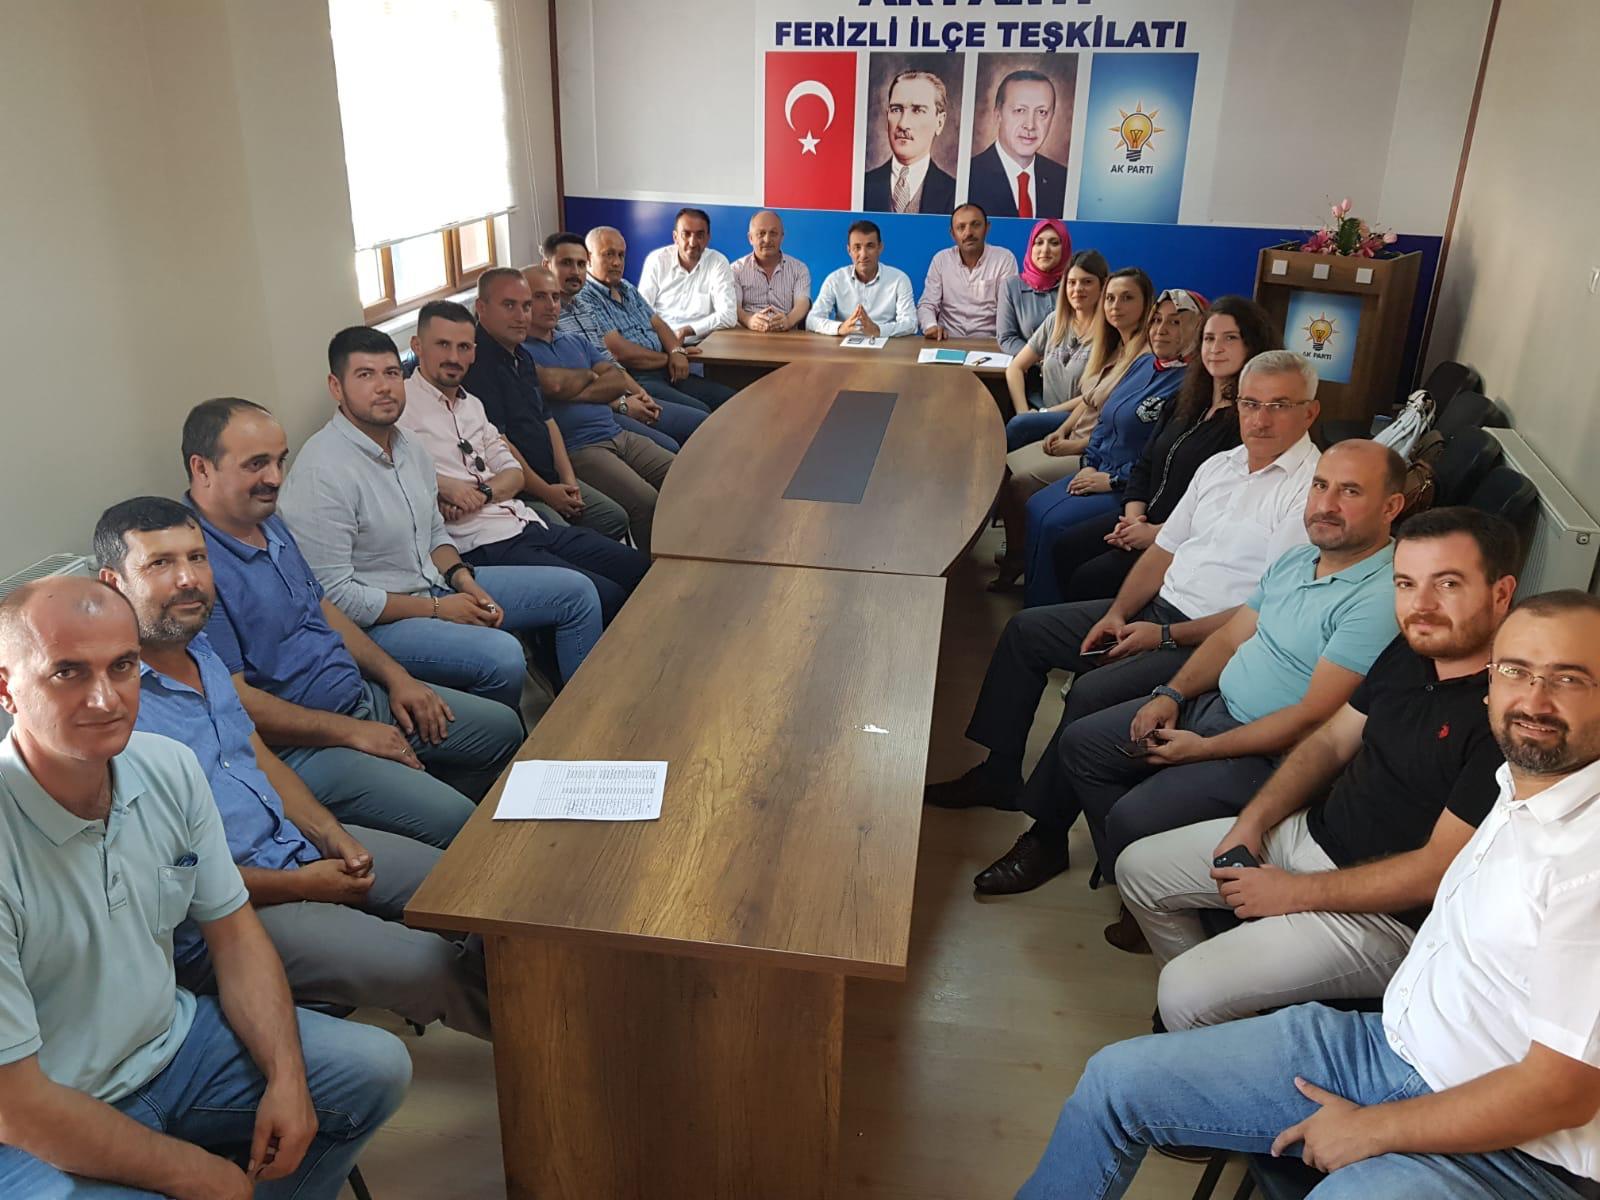 AK Parti Ferizli yönetimine onay çıktı